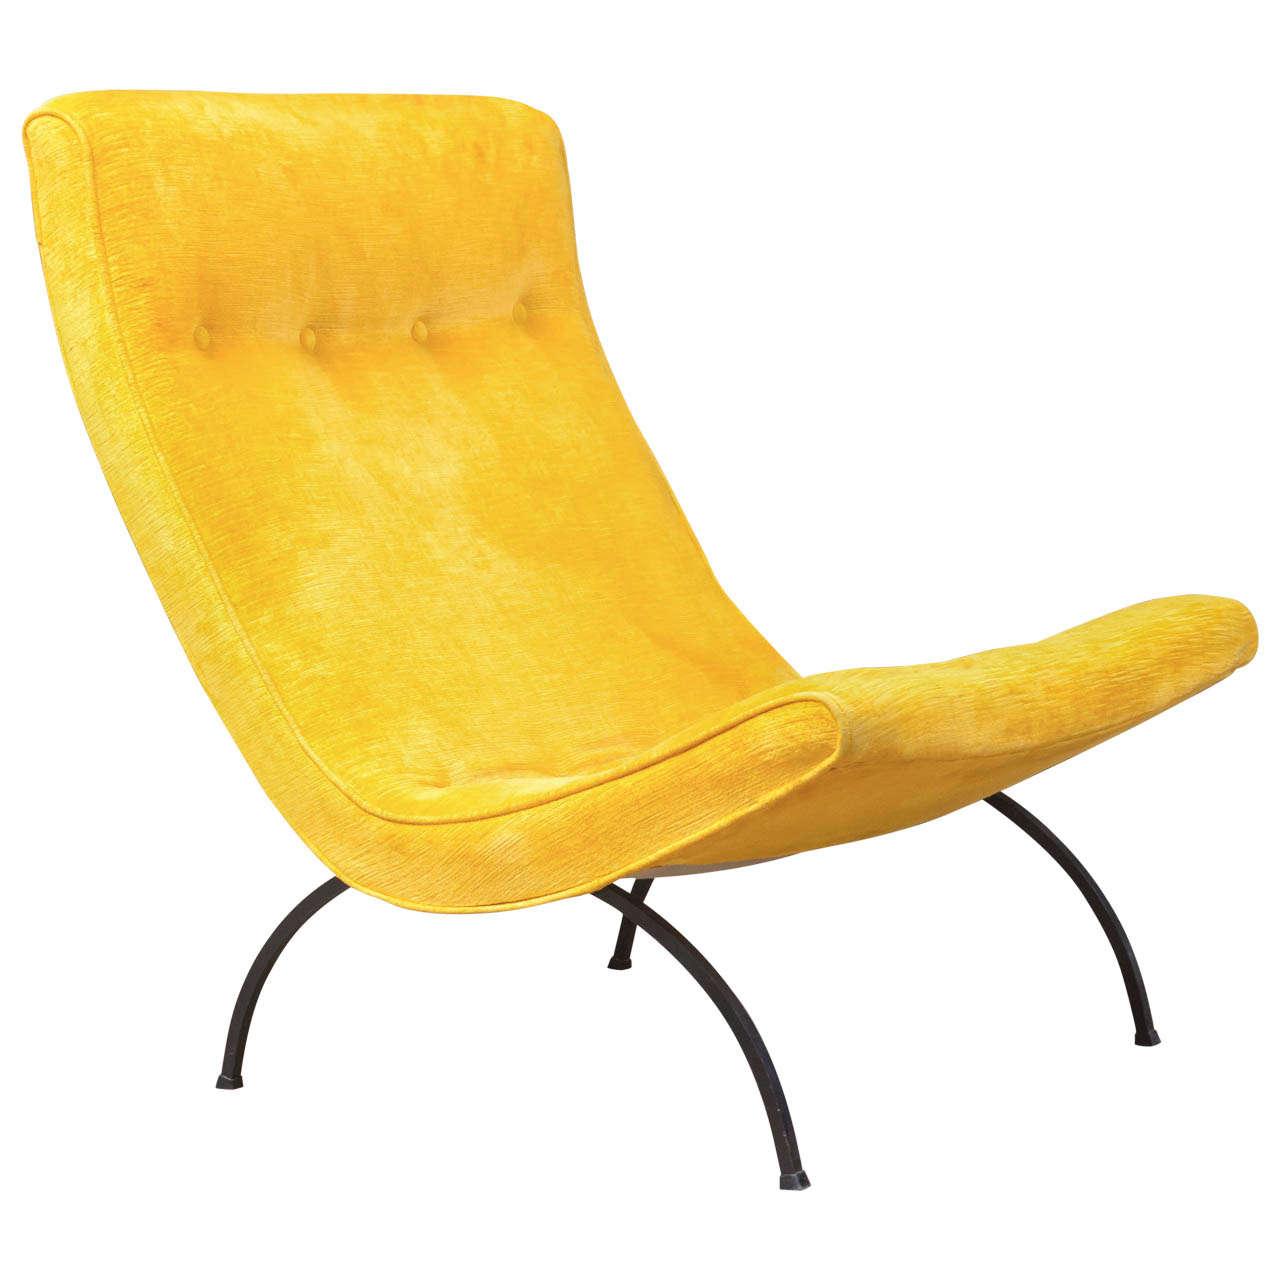 Milo Baughman - Scoop Chair 1